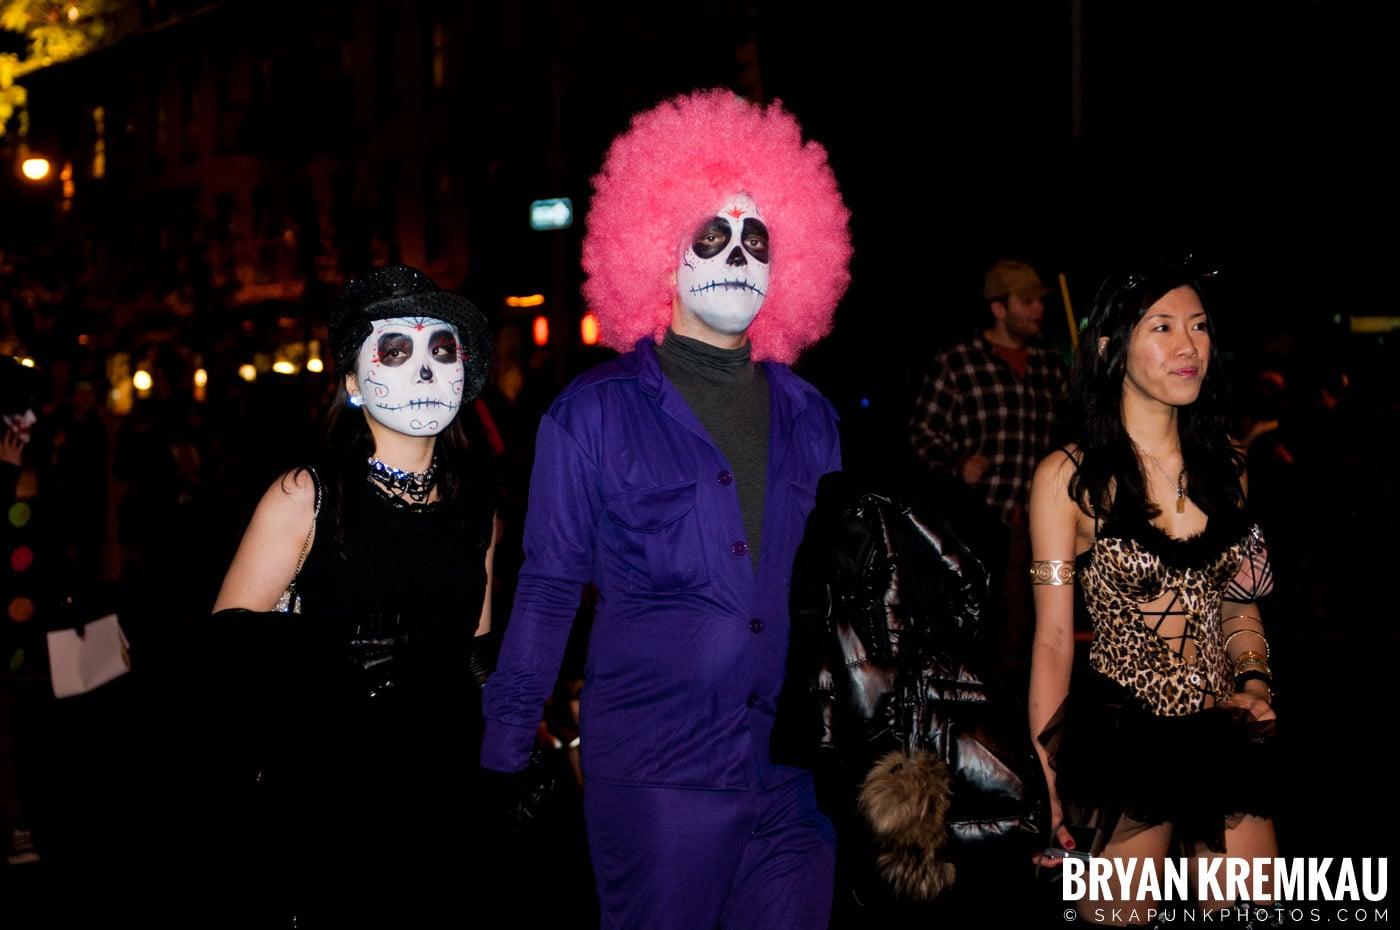 NYC Halloween Parade 2011 @ New York, NY - 10.31.11 (5)